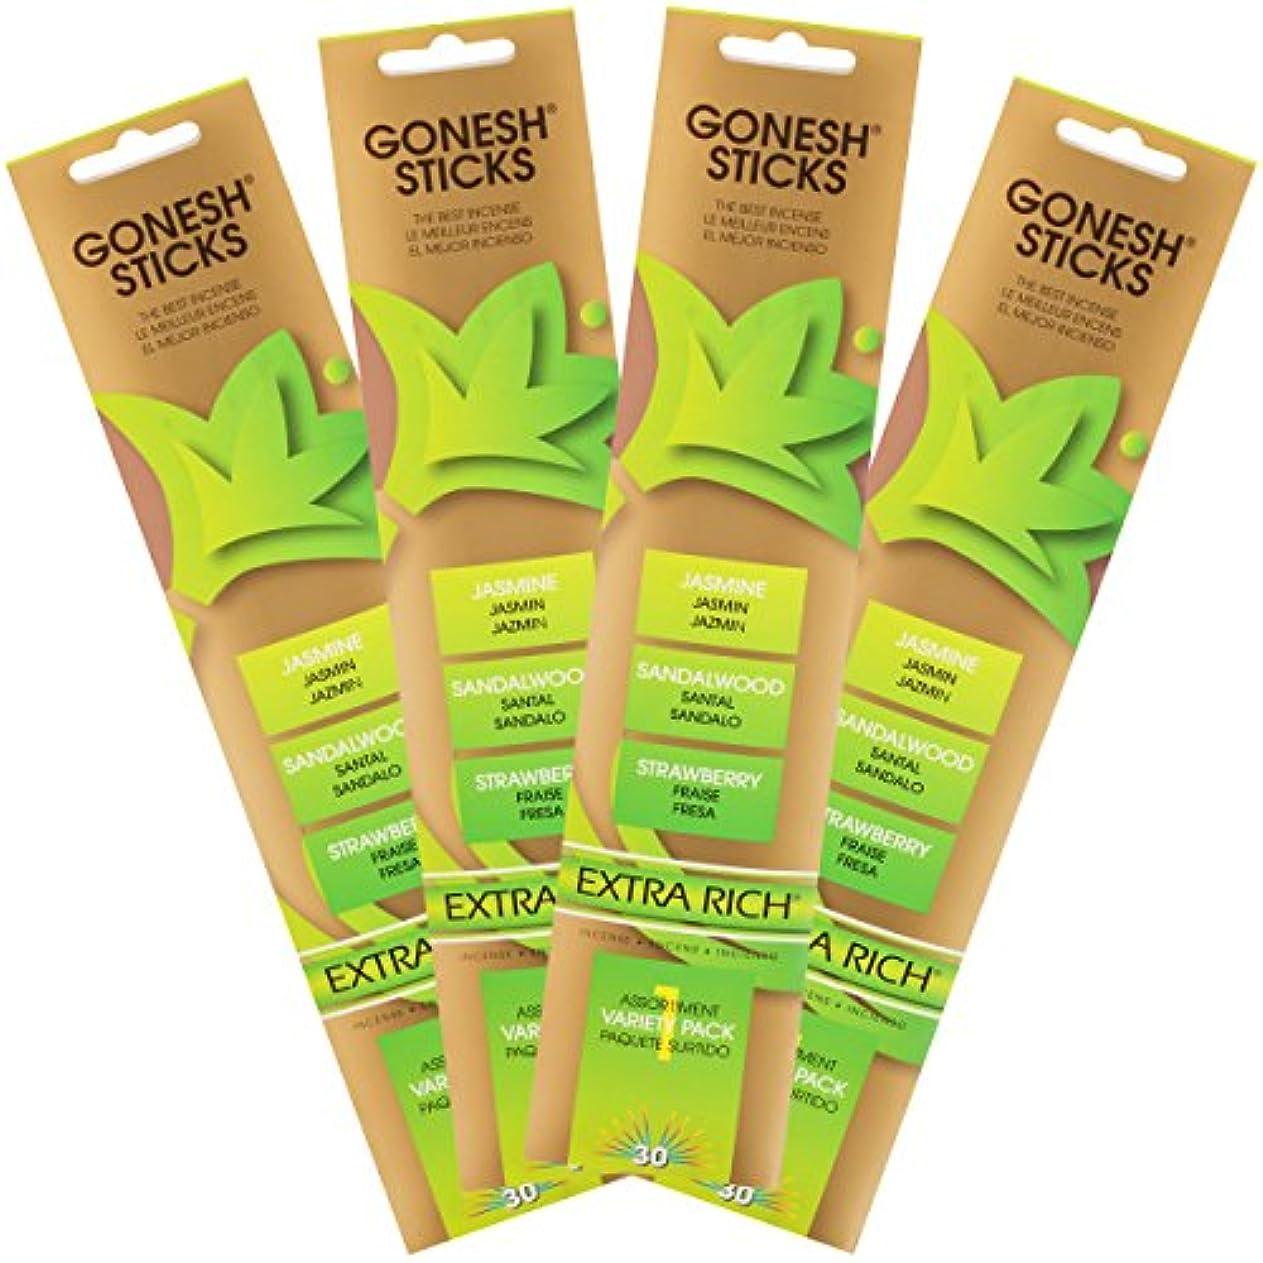 忙しい自伝歴史家Gonesh Incense Sticks – Extra Rich Variety Pack # 1 (ジャスミン、サンダルウッドand Strawberry ) Lot of 4